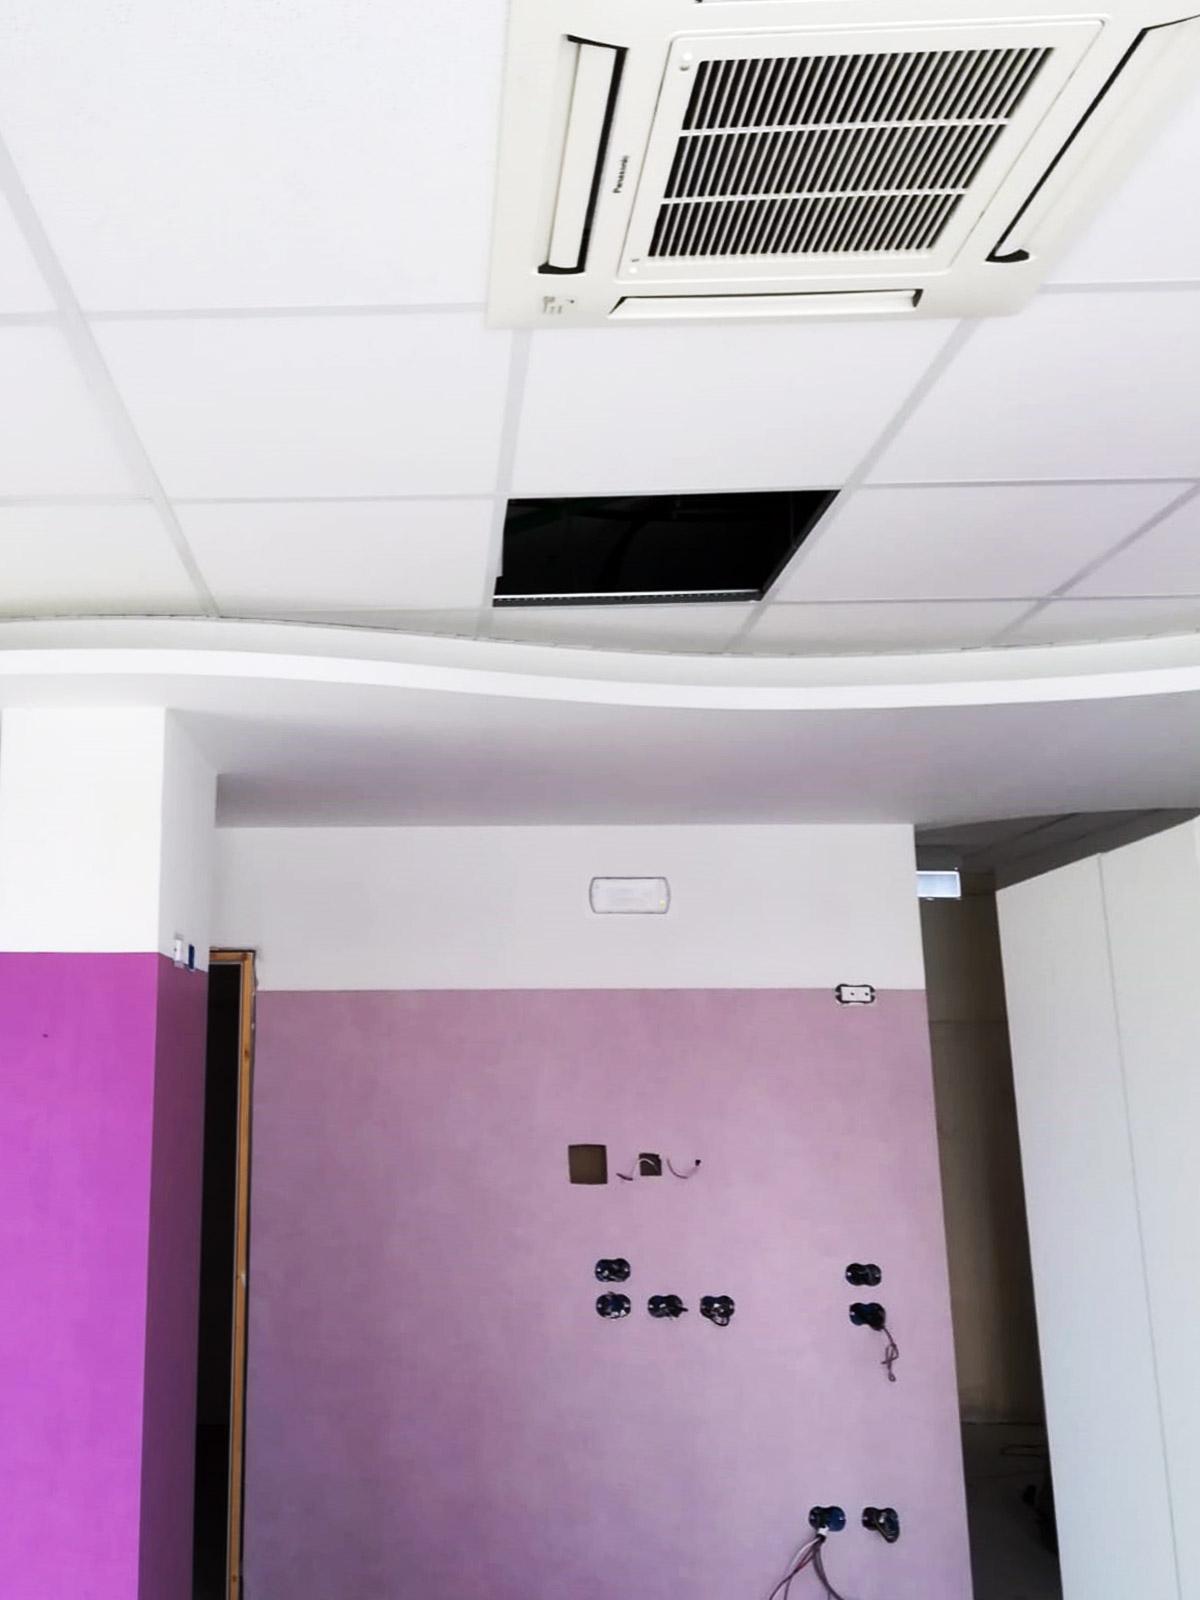 pitture-decorative-ristrutturazioni-edili-latina-pareti-viola-condizionatore